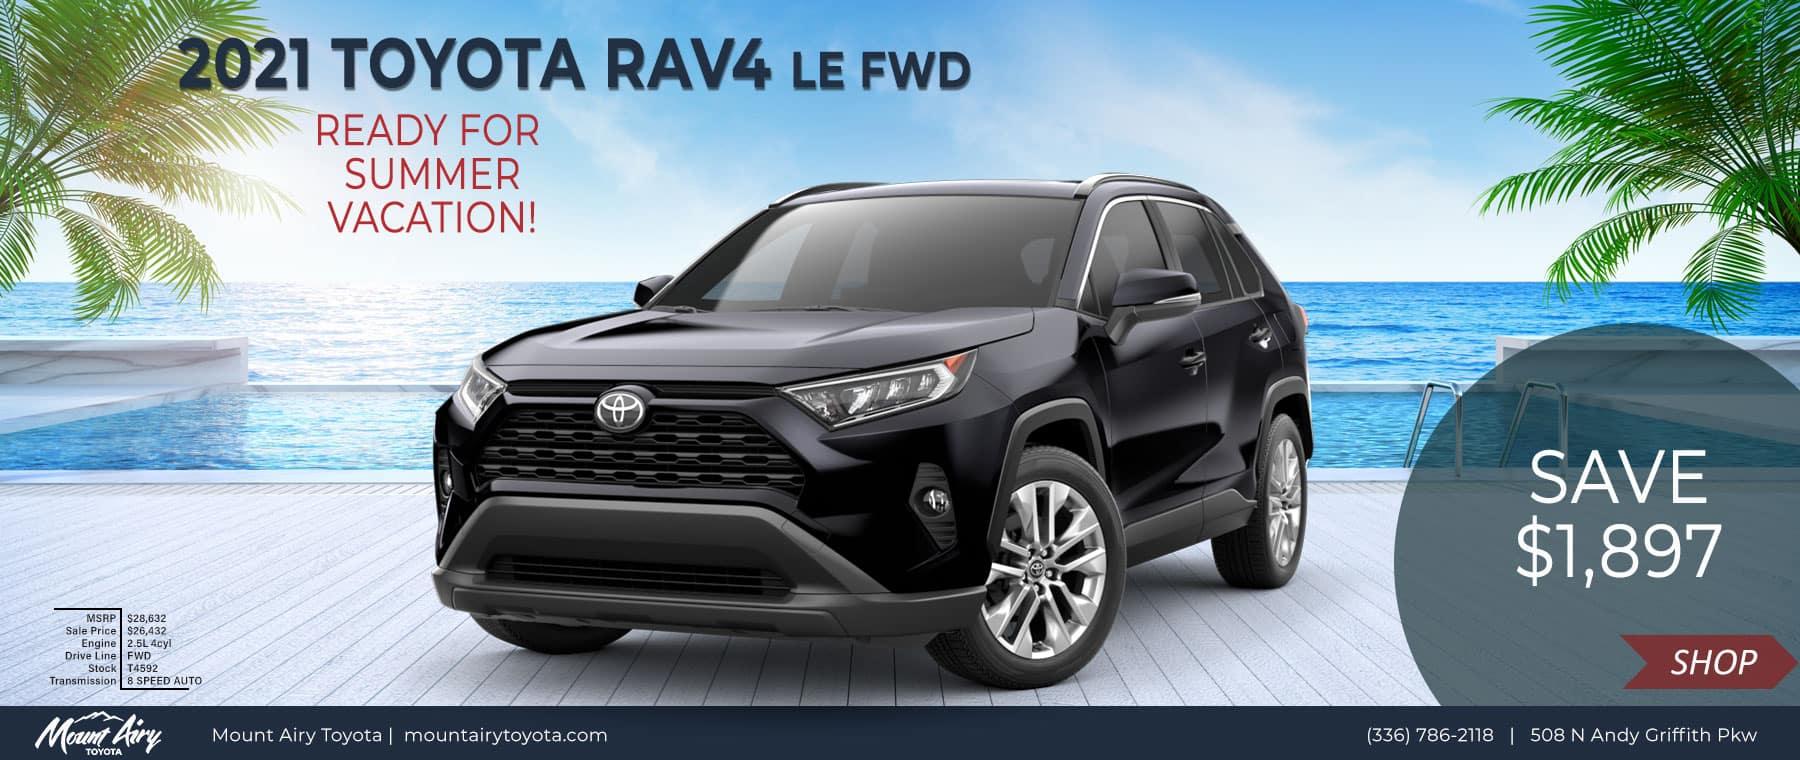 Toyota_May_RAV4